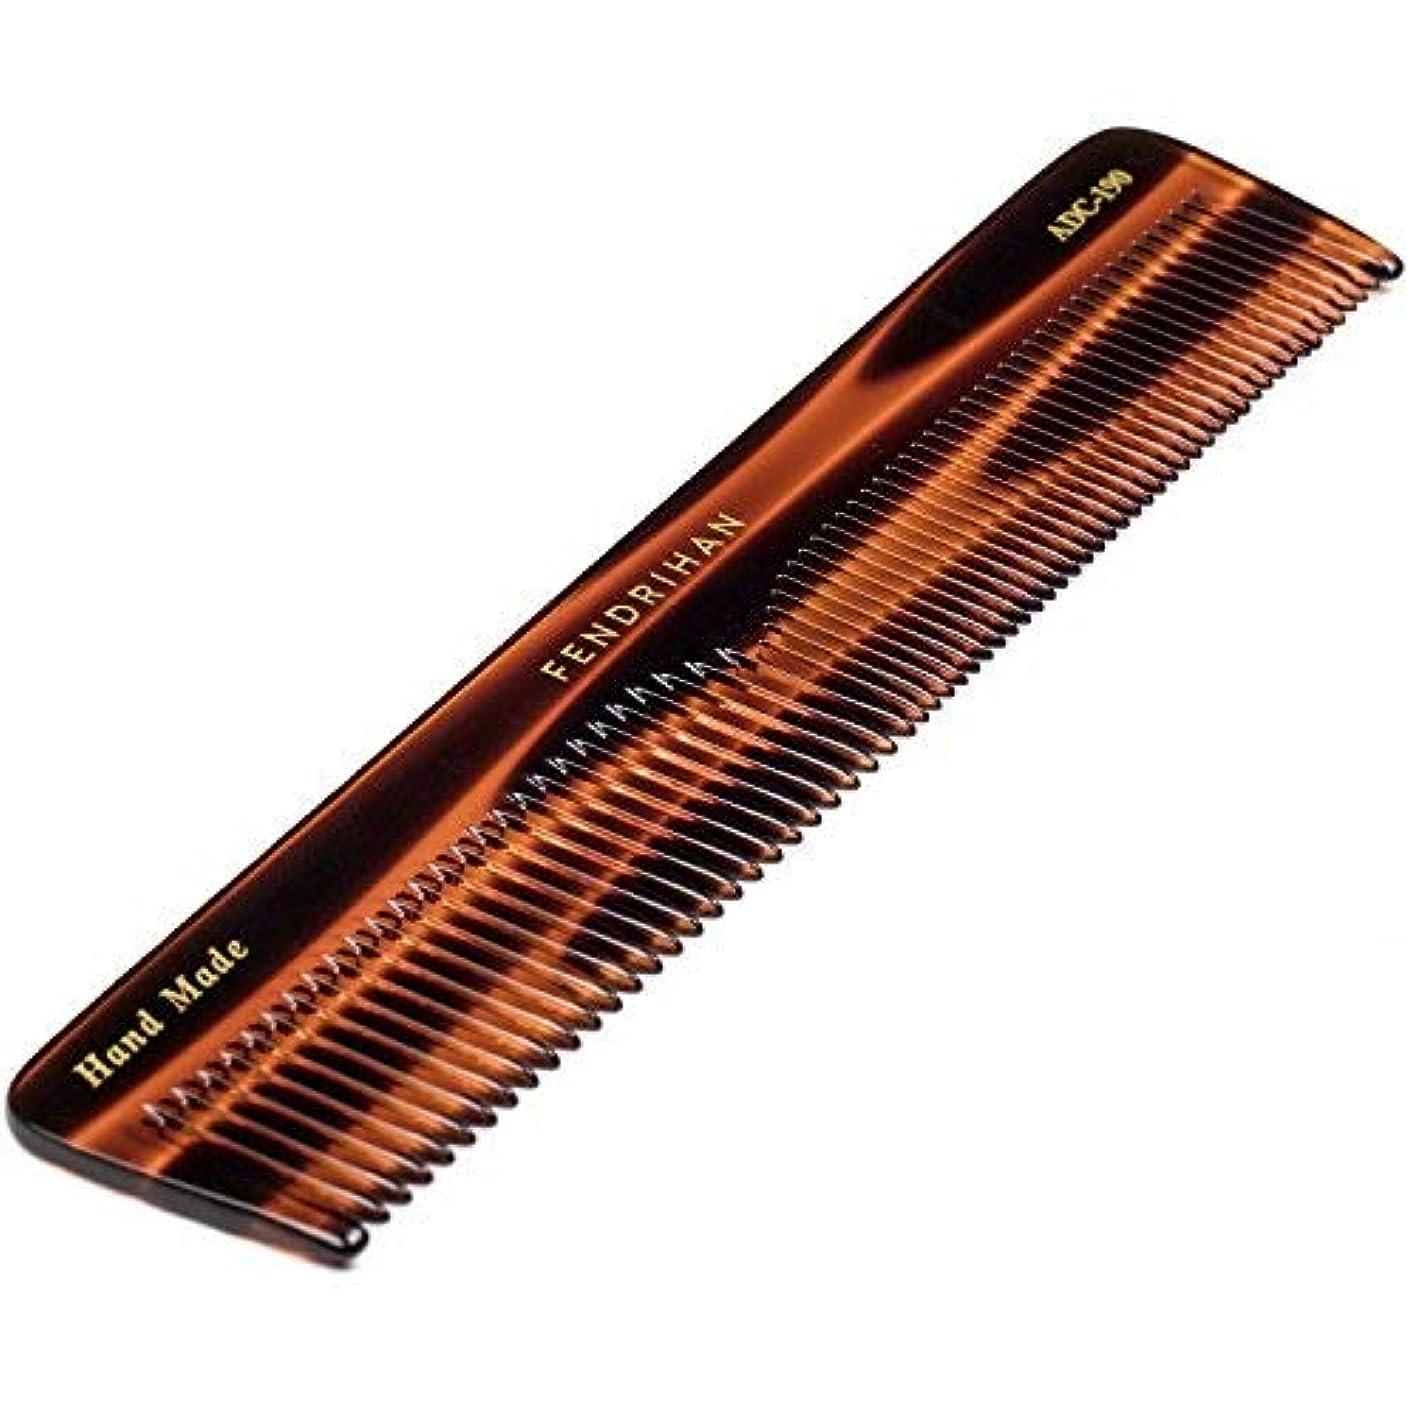 マラウイ覗く取り付けFendrihan Hand Finished Large Double Tooth Comb for Men, Faux Tortoise (7.3 Inches) [並行輸入品]